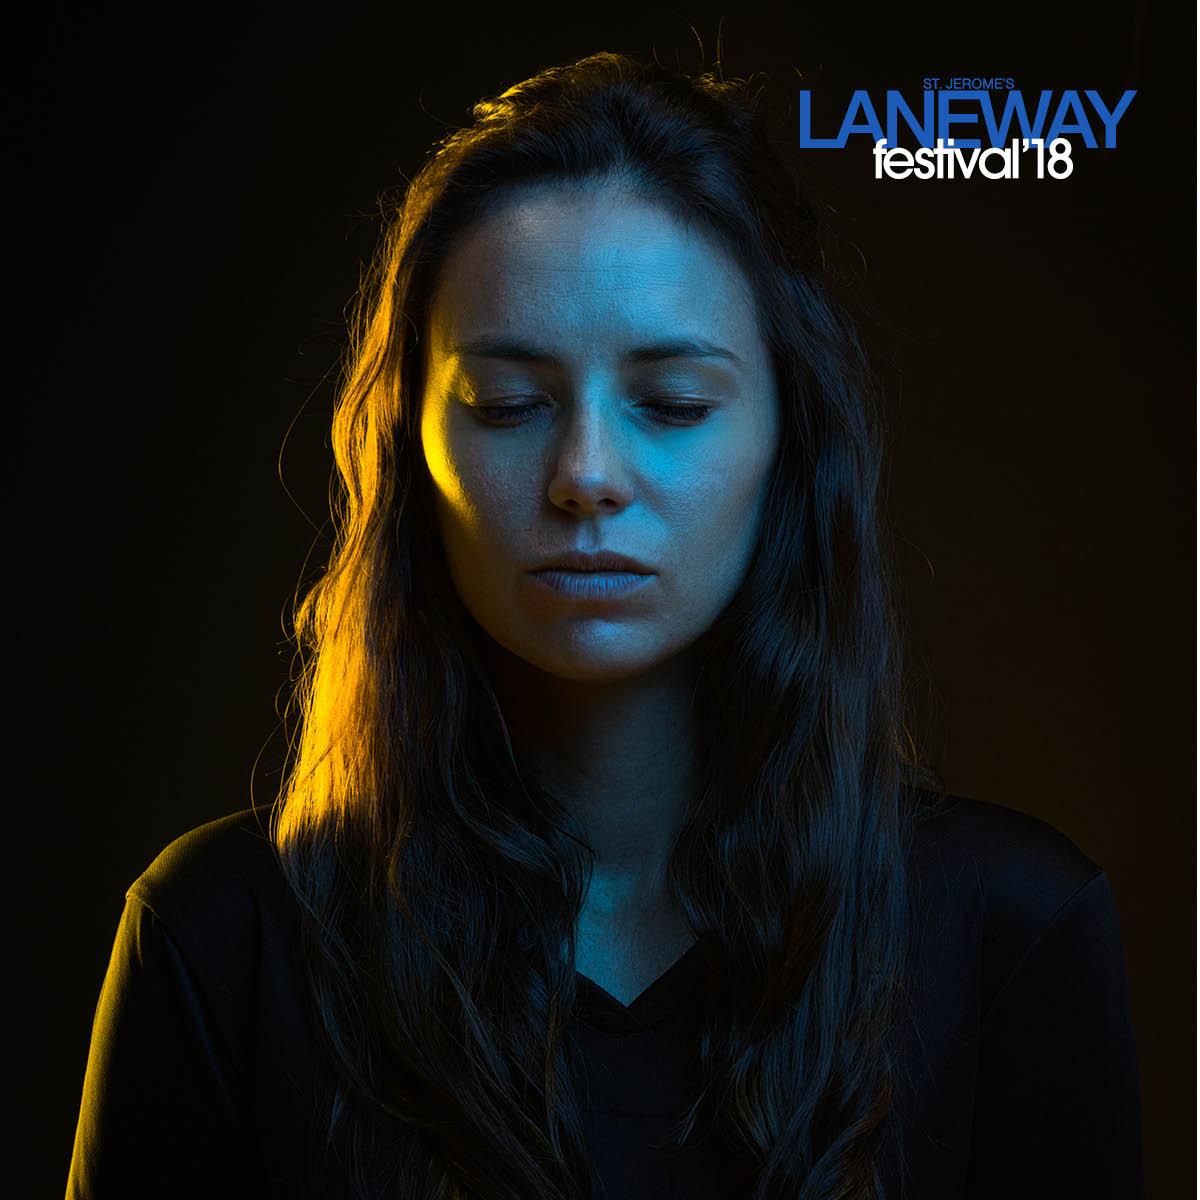 LWSG Lineup-Amy Shark